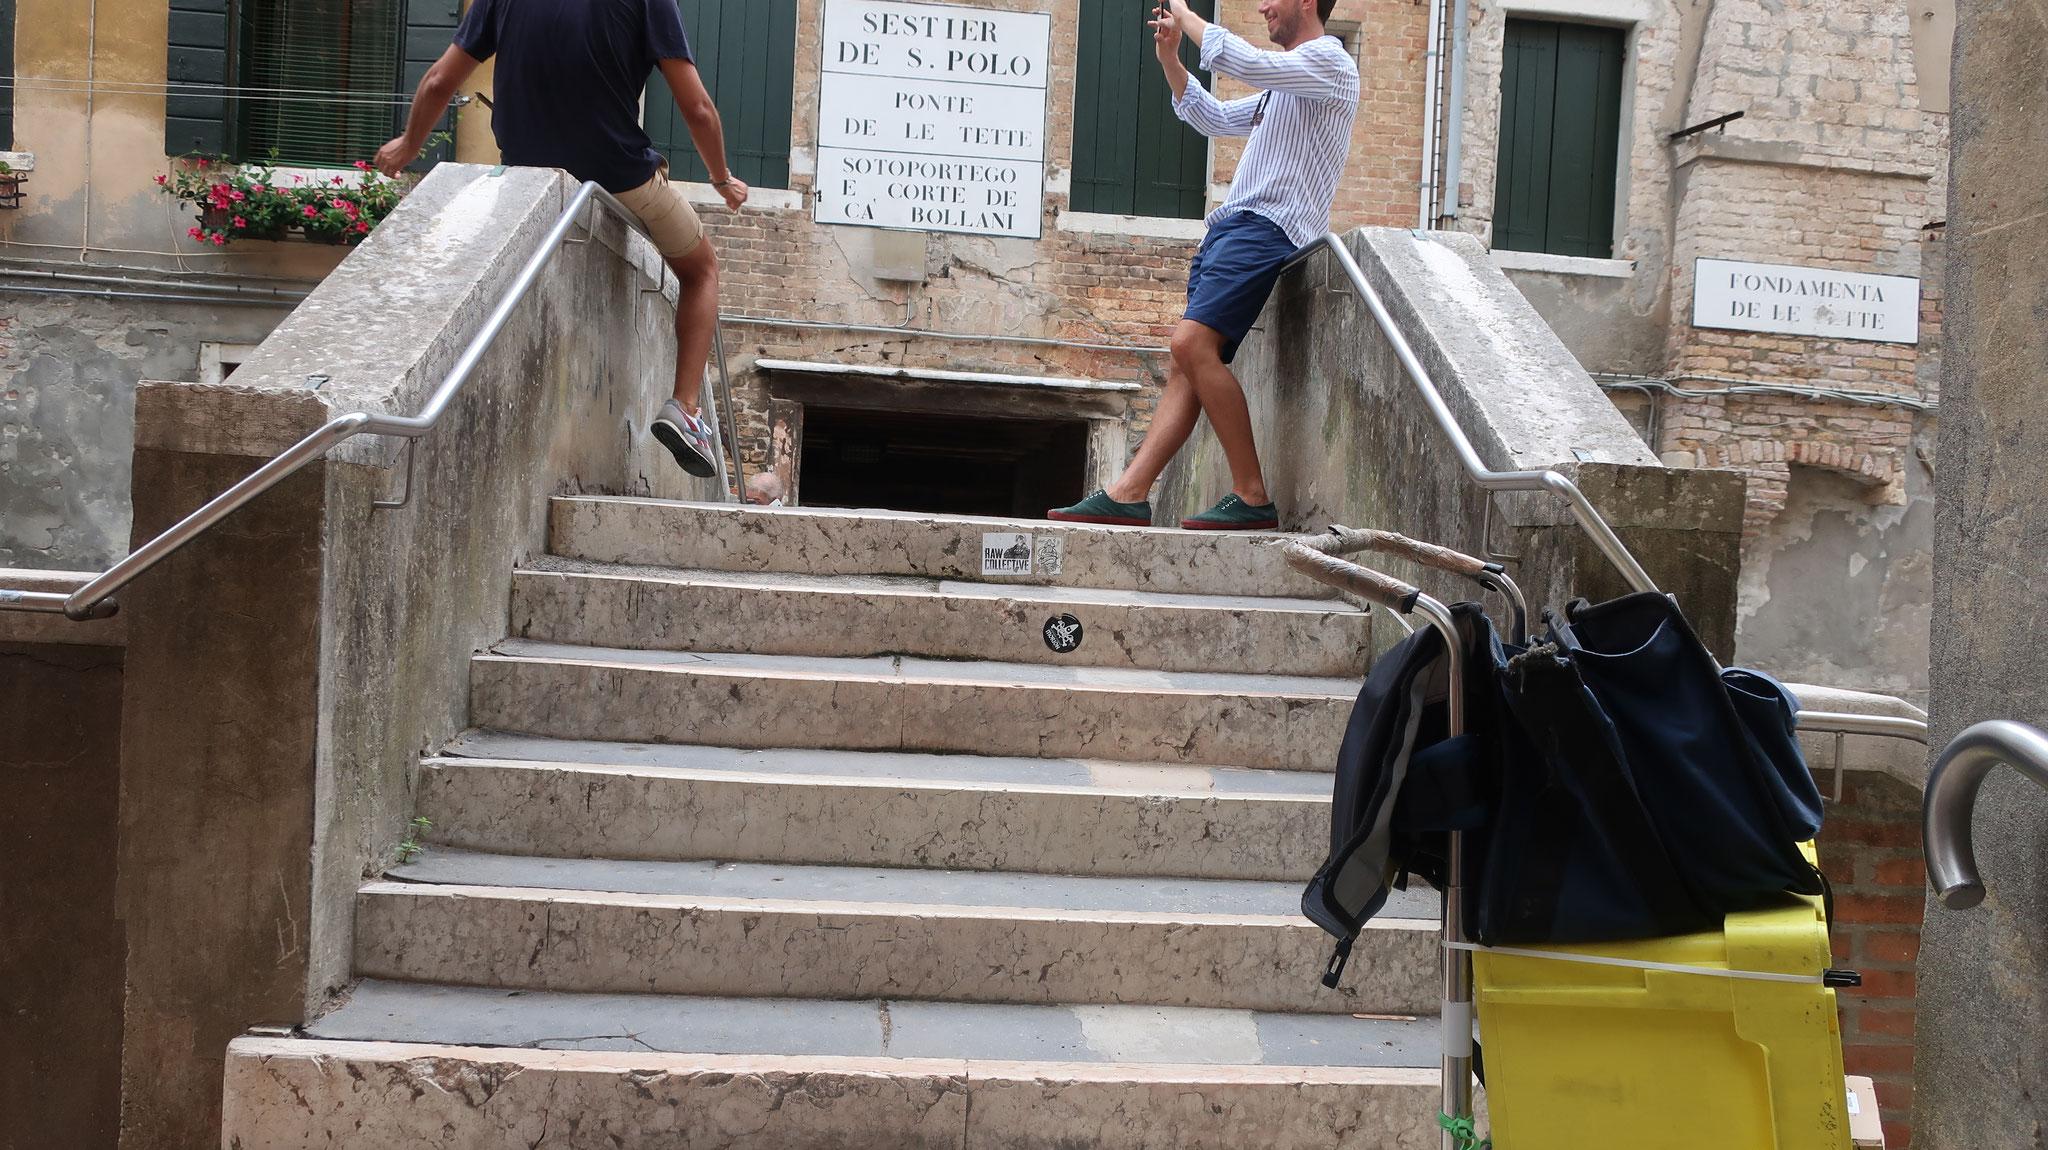 ヴェネツィアが海洋国家として繁栄していた頃、この辺りには、売春宿が並んでいました。